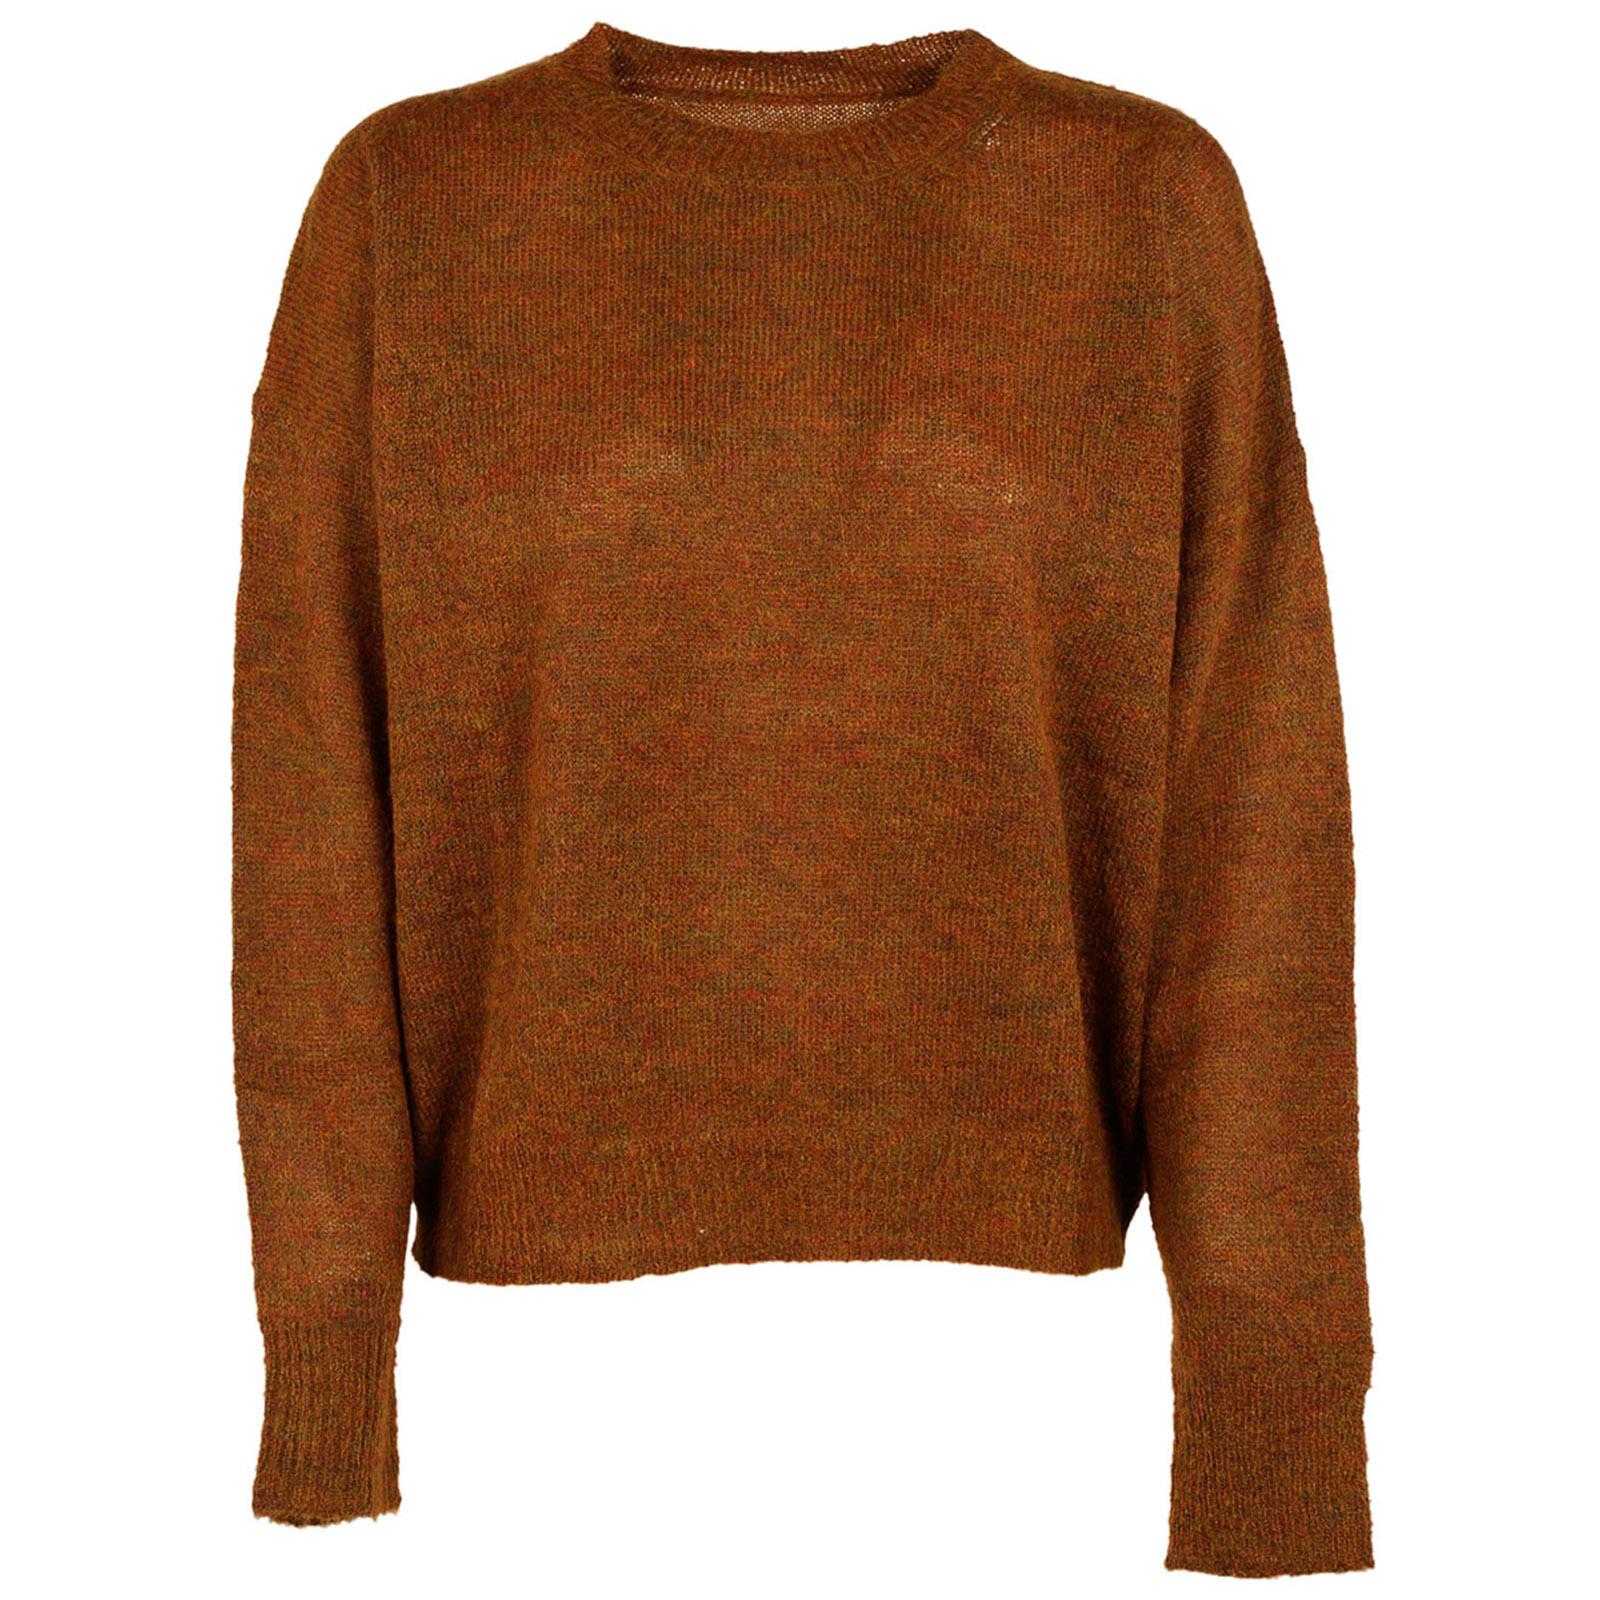 Maglione maglia donna girocollo difton